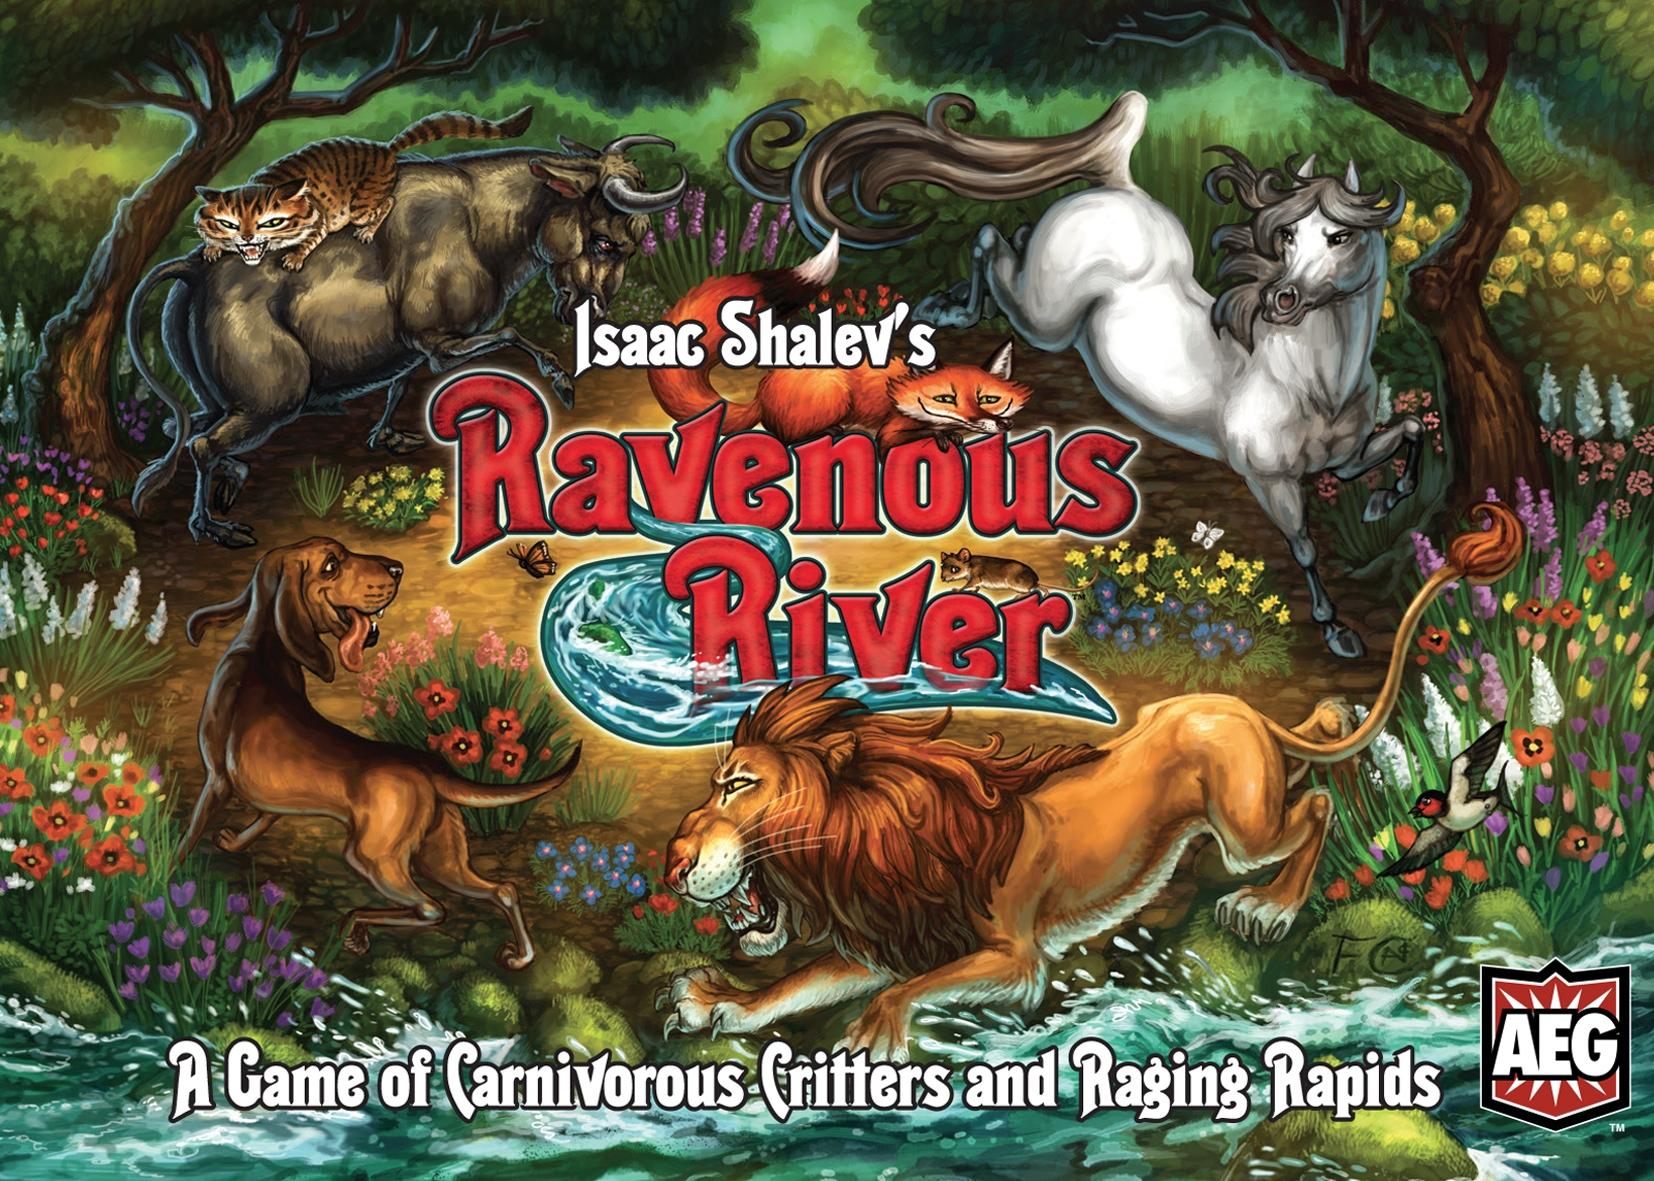 Ravenous River Cover.jpg